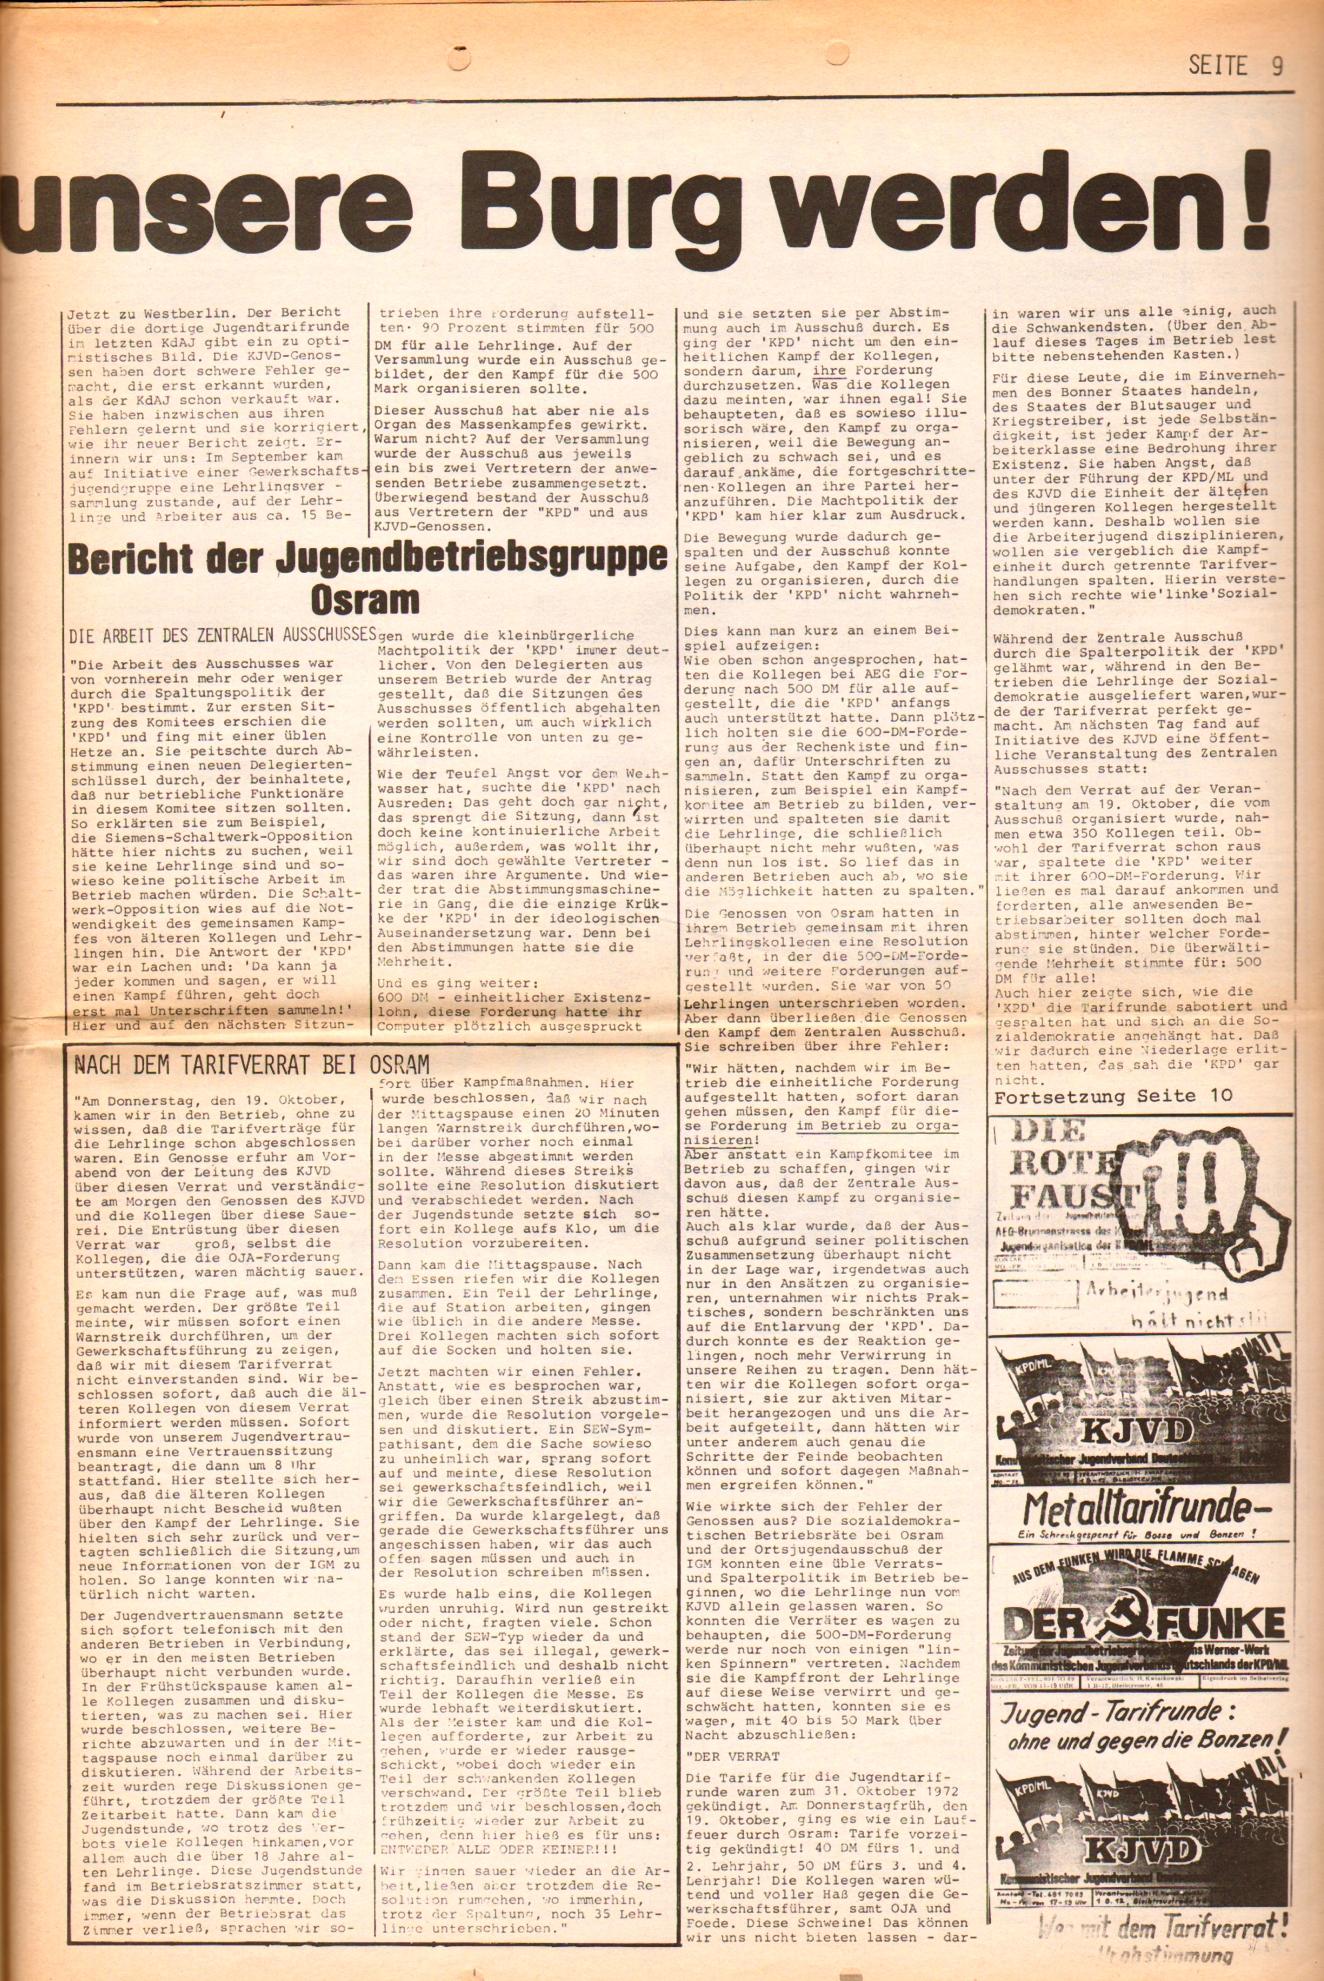 KDAJ, 3. Jg., November 1972, Nr. 10, Seite 9